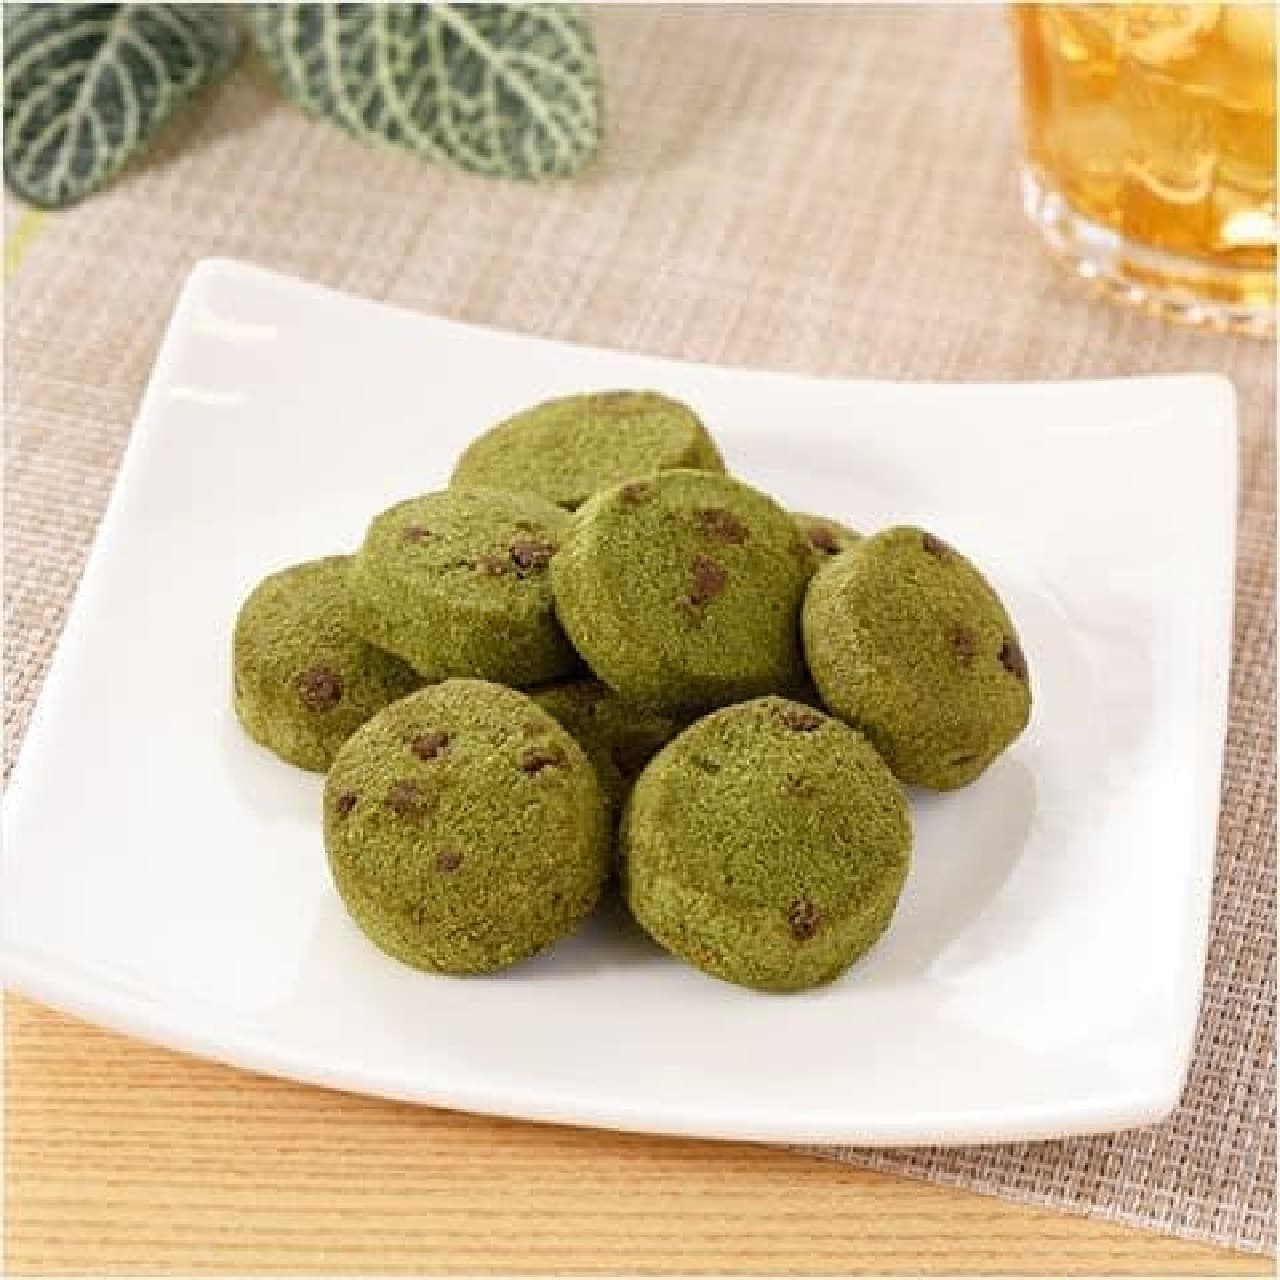 ファミリーマート「濃い色の宇治抹茶クッキー」